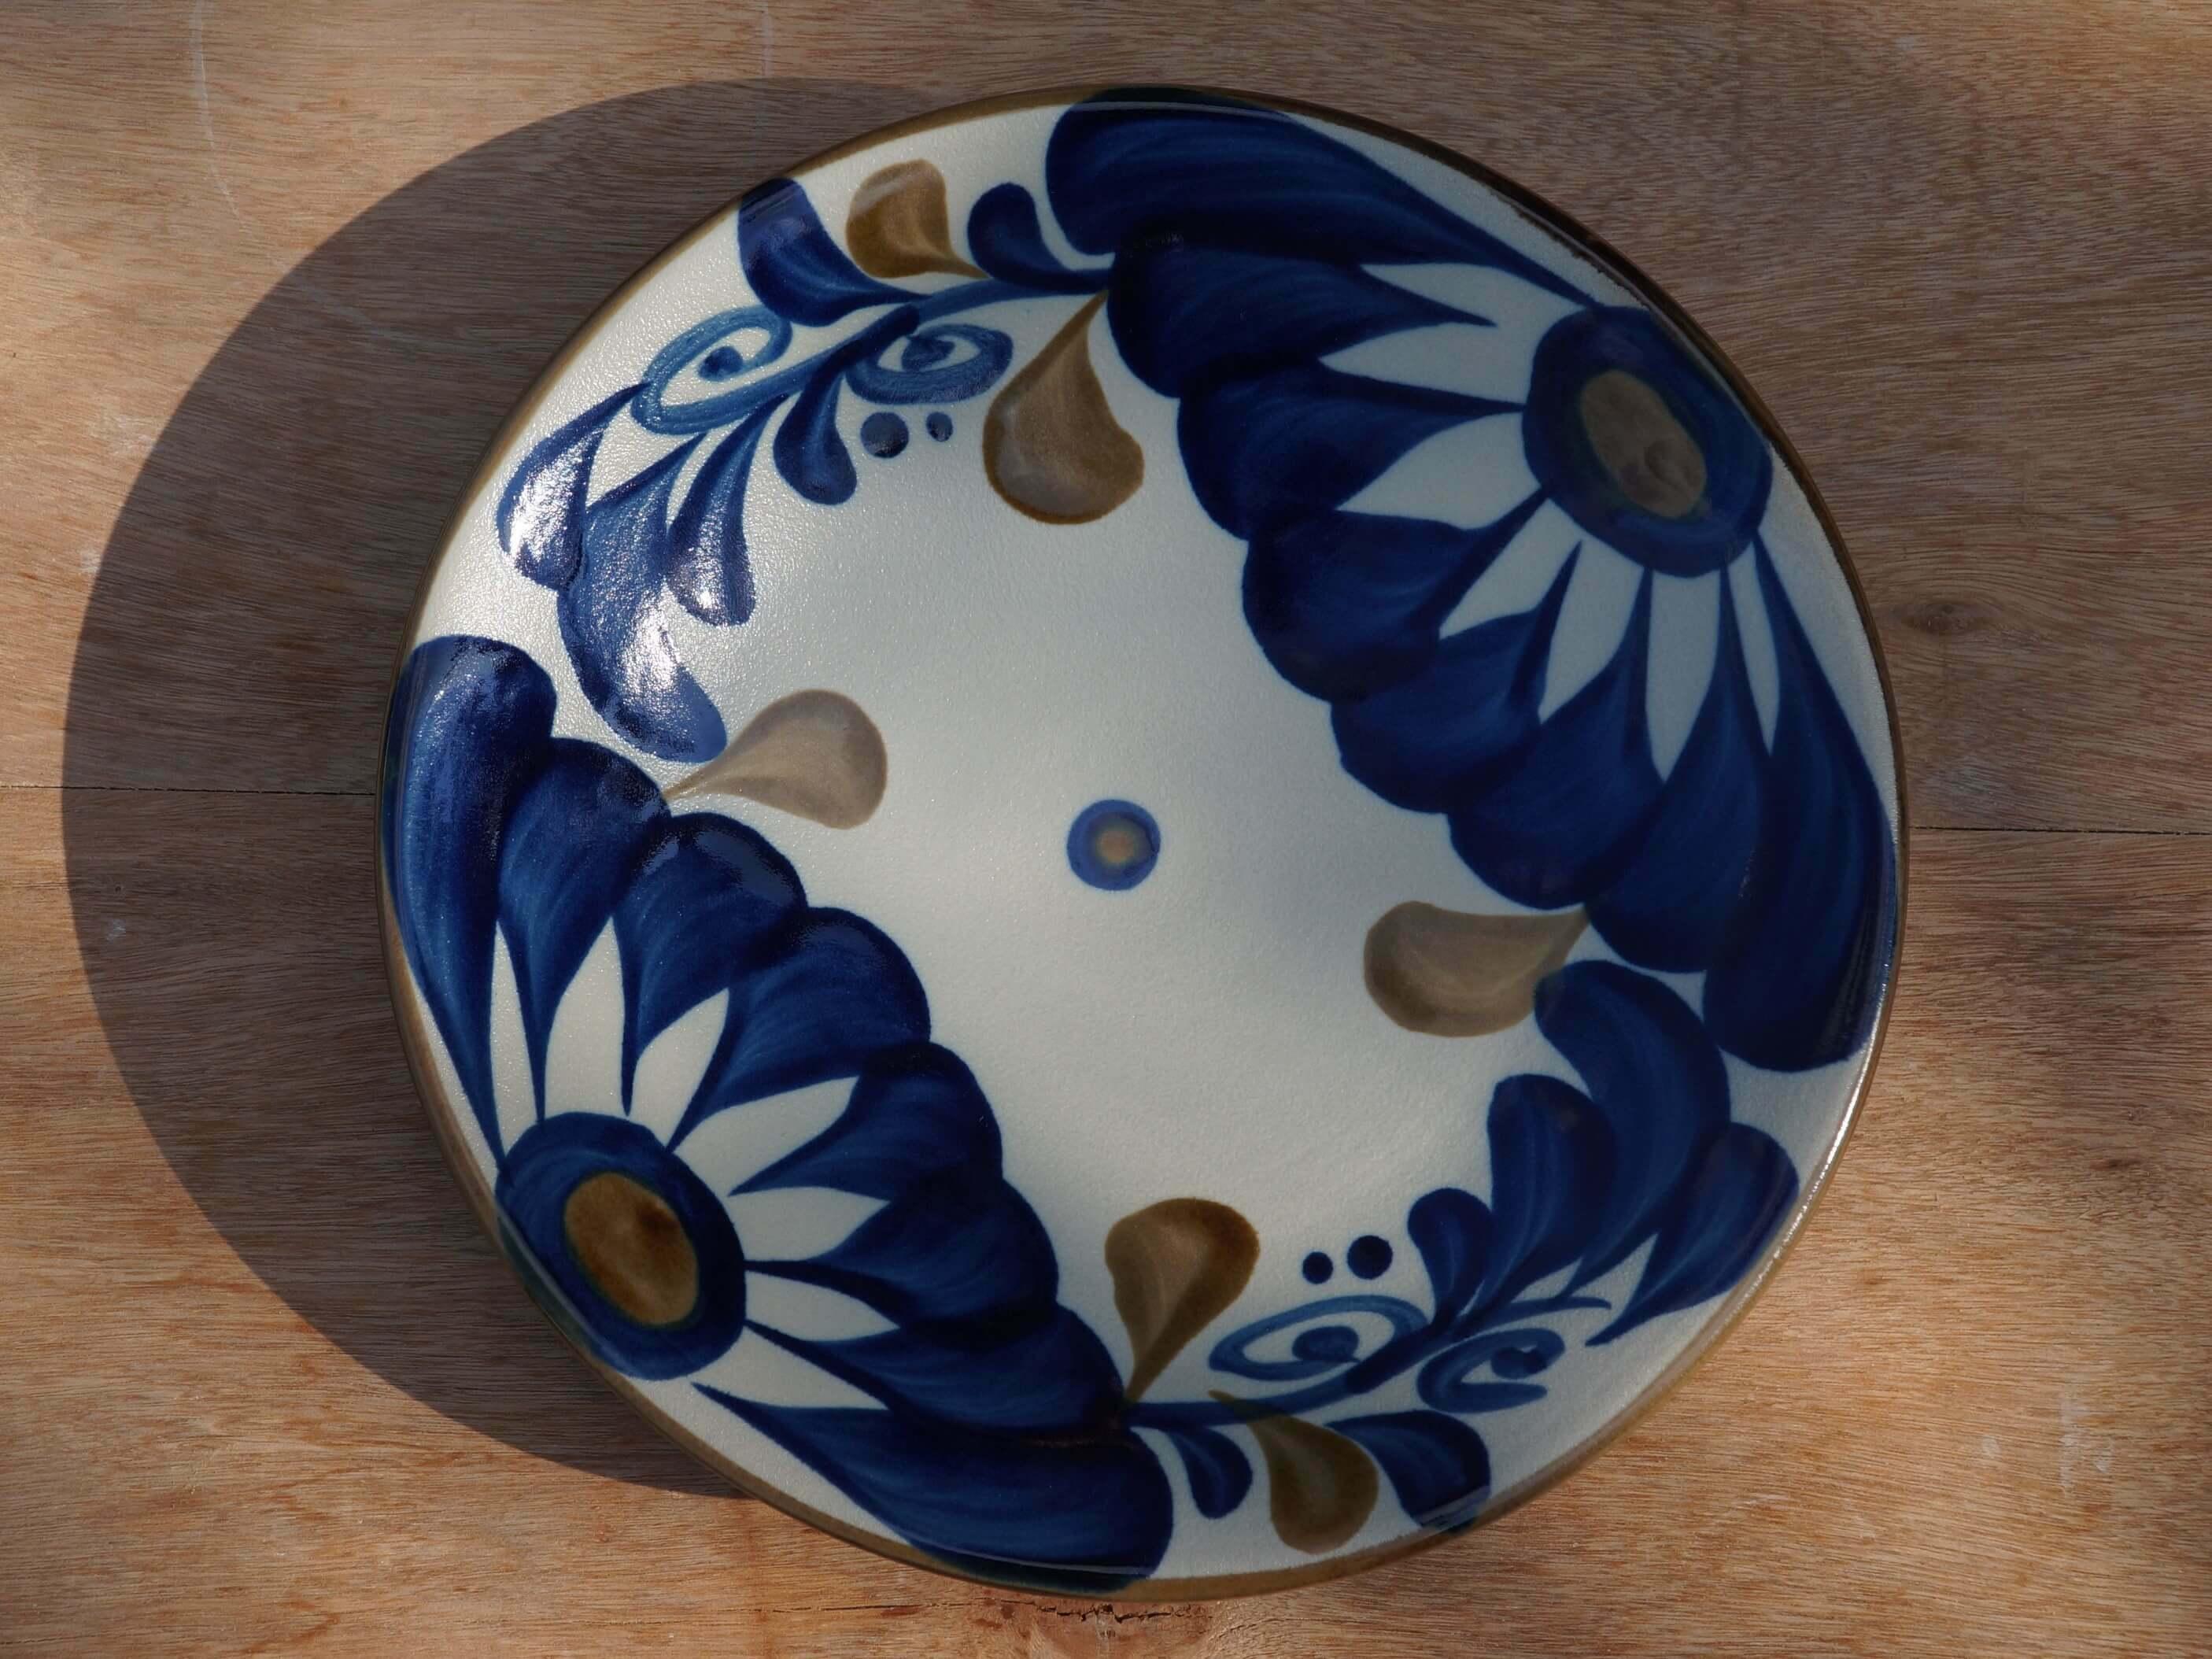 コバルトが鮮やかな唐草の7寸皿(約21cm) 【ヤチムン大城工房】